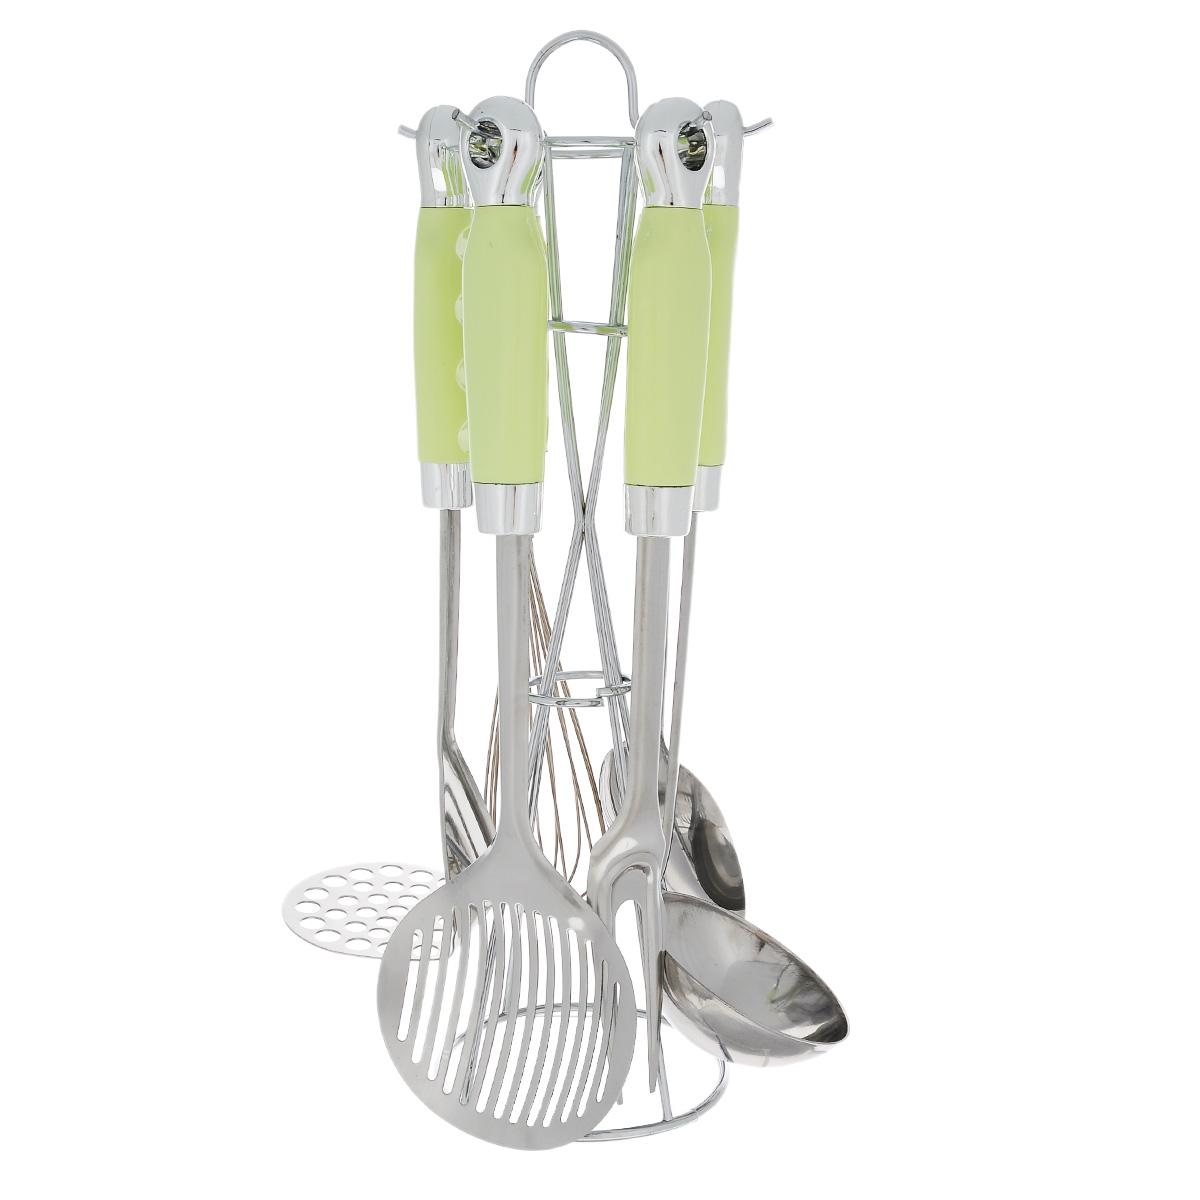 Набор кухонных принадлежностей Bekker Koch, цвет: салатовый, 7 предметов. BK-420BK-420Набор кухонных принадлежностей Bekker Koch изготовлен из высококачественной нержавеющей стали. Набор включает в себя: картофелемялку, половник, ложку, шумовку, вилку, венчик и подставку. Ручки изготовлены из жаропрочного пластика и оснащены отверстиями на конце, благодаря которым, вы сможете их подвесить на подставку или в любое для вас удобное место. Подставка выполнена из нержавеющей стали, имеет петельку, чтобы удобно было переставлять набор. Эксклюзивный дизайн, эстетичность и функциональность набора Bekker Koch позволят ему занять достойное место среди кухонного инвентаря.Можно мыть в посудомоечной машине.Длина половника: 32,5 см.Длина ложки: 32,5 см.Длина шумовки: 34,5 см.Длина вилки: 32,5 см.Длина картофелемялки: 29,5 см.Длина венчика: 30,5 см.Размер подставки (ДхШхВ): 11 см х 11 см х 36,5 см.